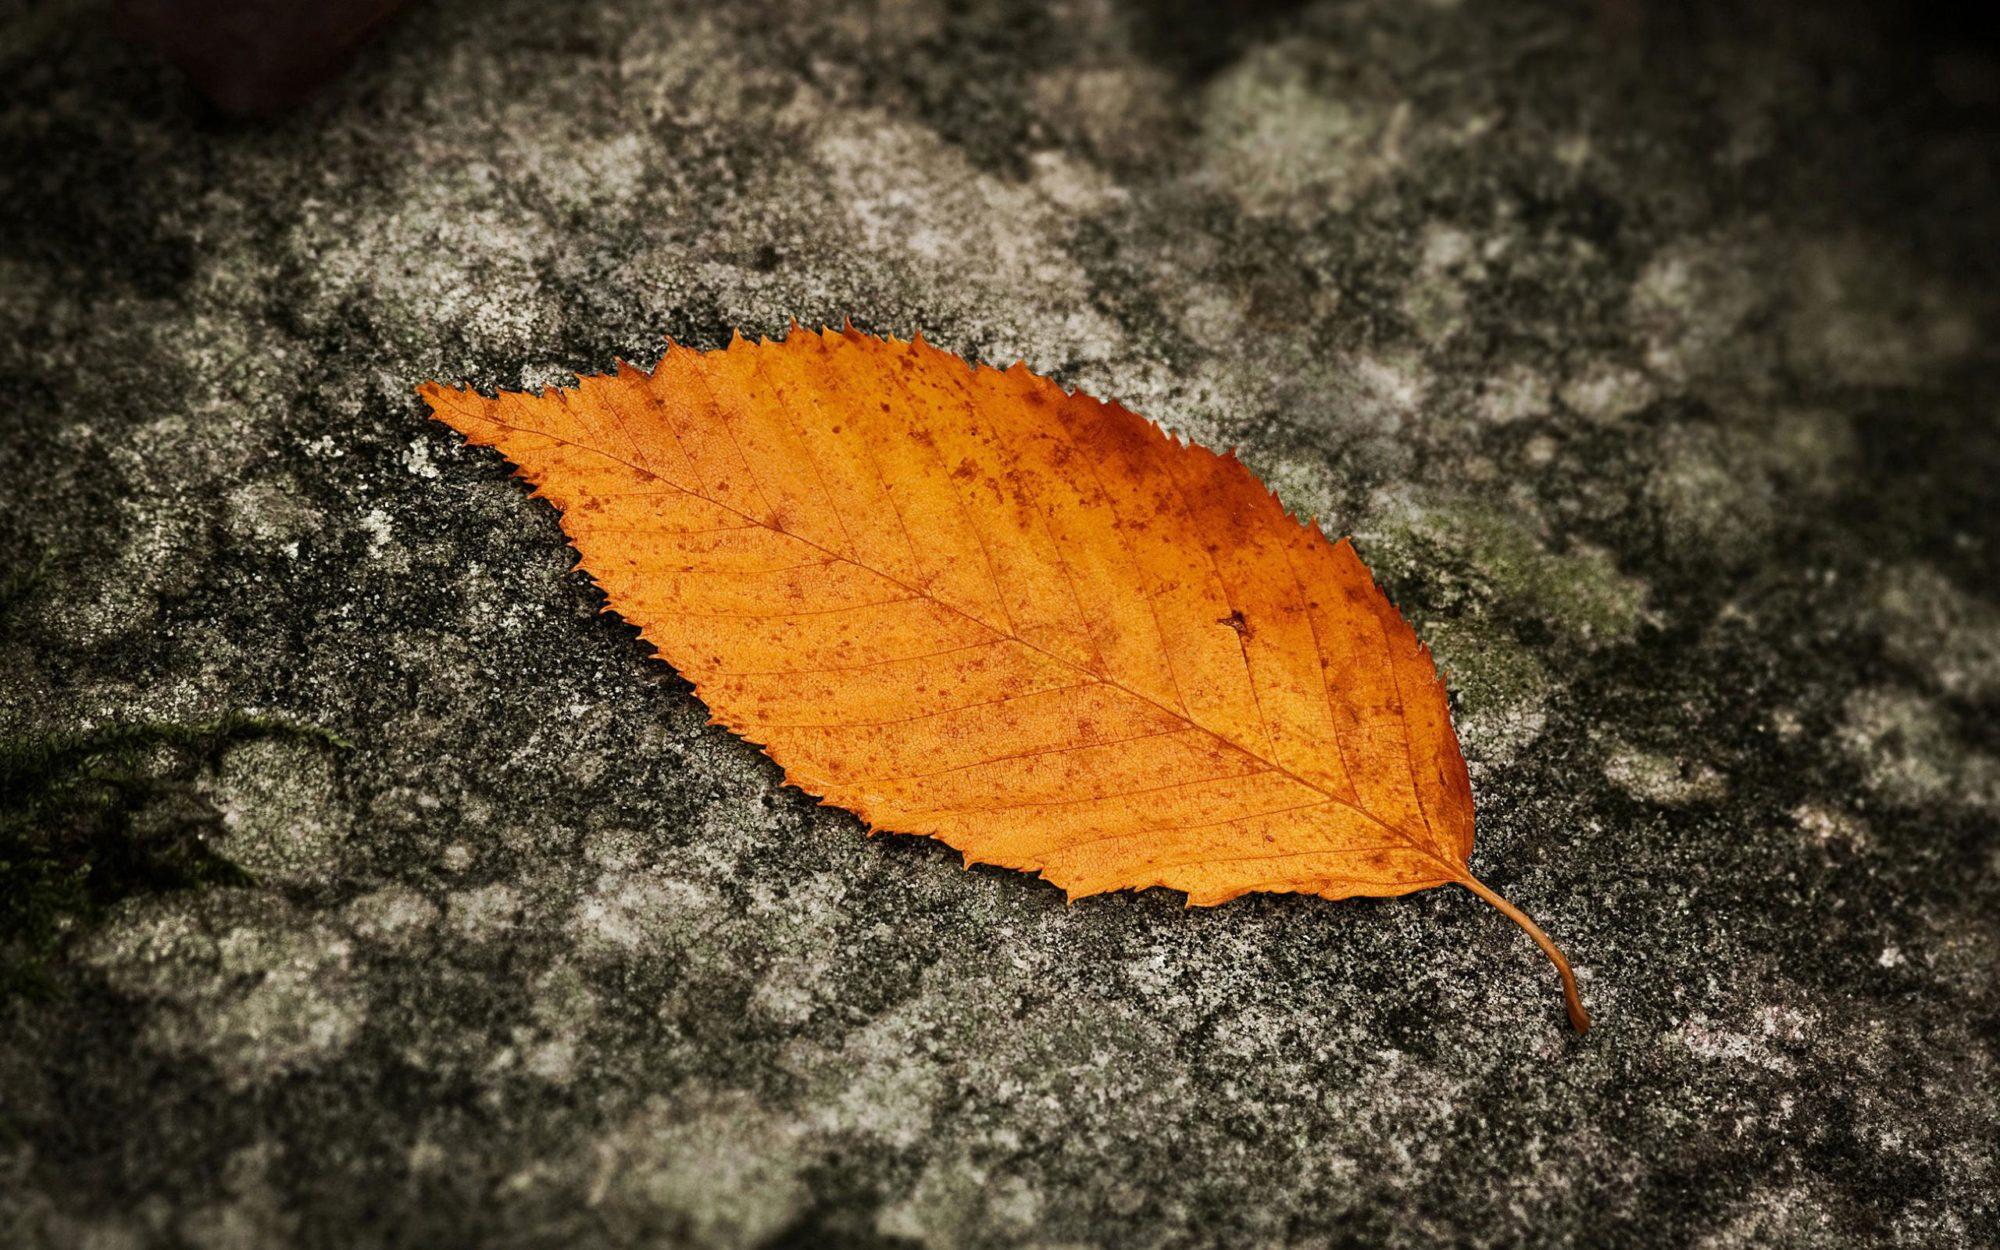 Погода на 26 листопада: у вівторок на Київщині буде морозно, а в середу – потеплішає - прогноз погоди, погода - 26 pogoda3 2000x1250